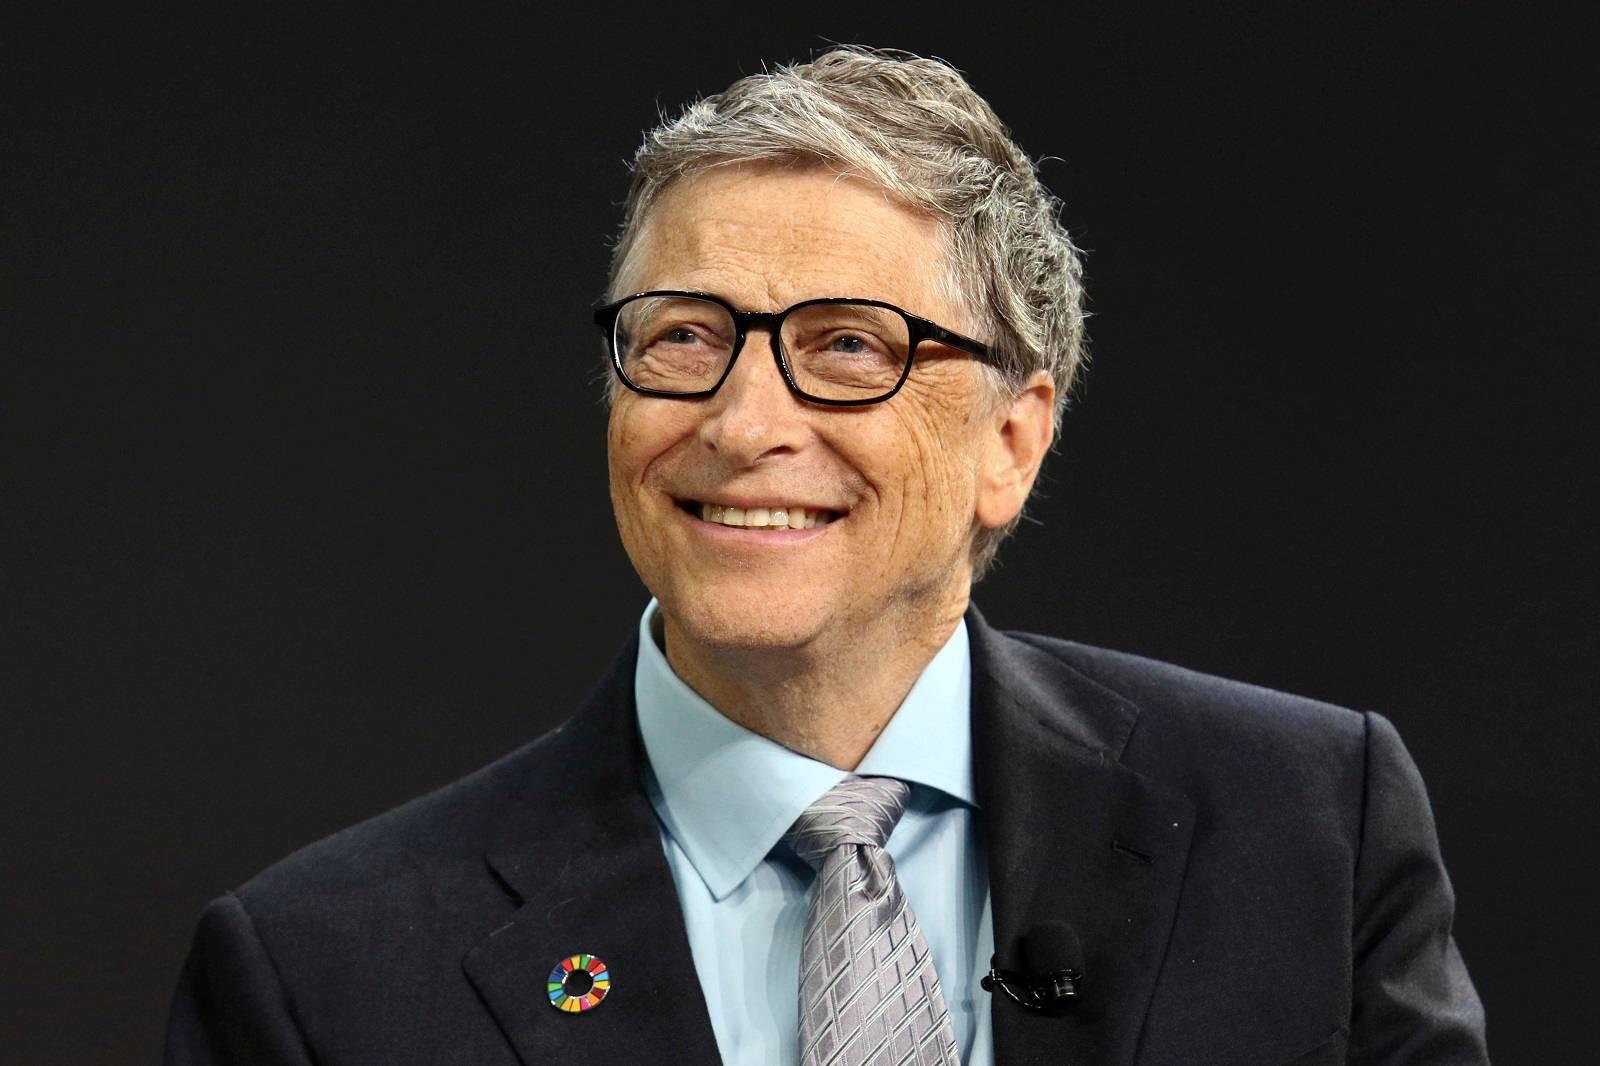 Bill Gates'ten 2021 yılı için dikkat çeken kehanet!